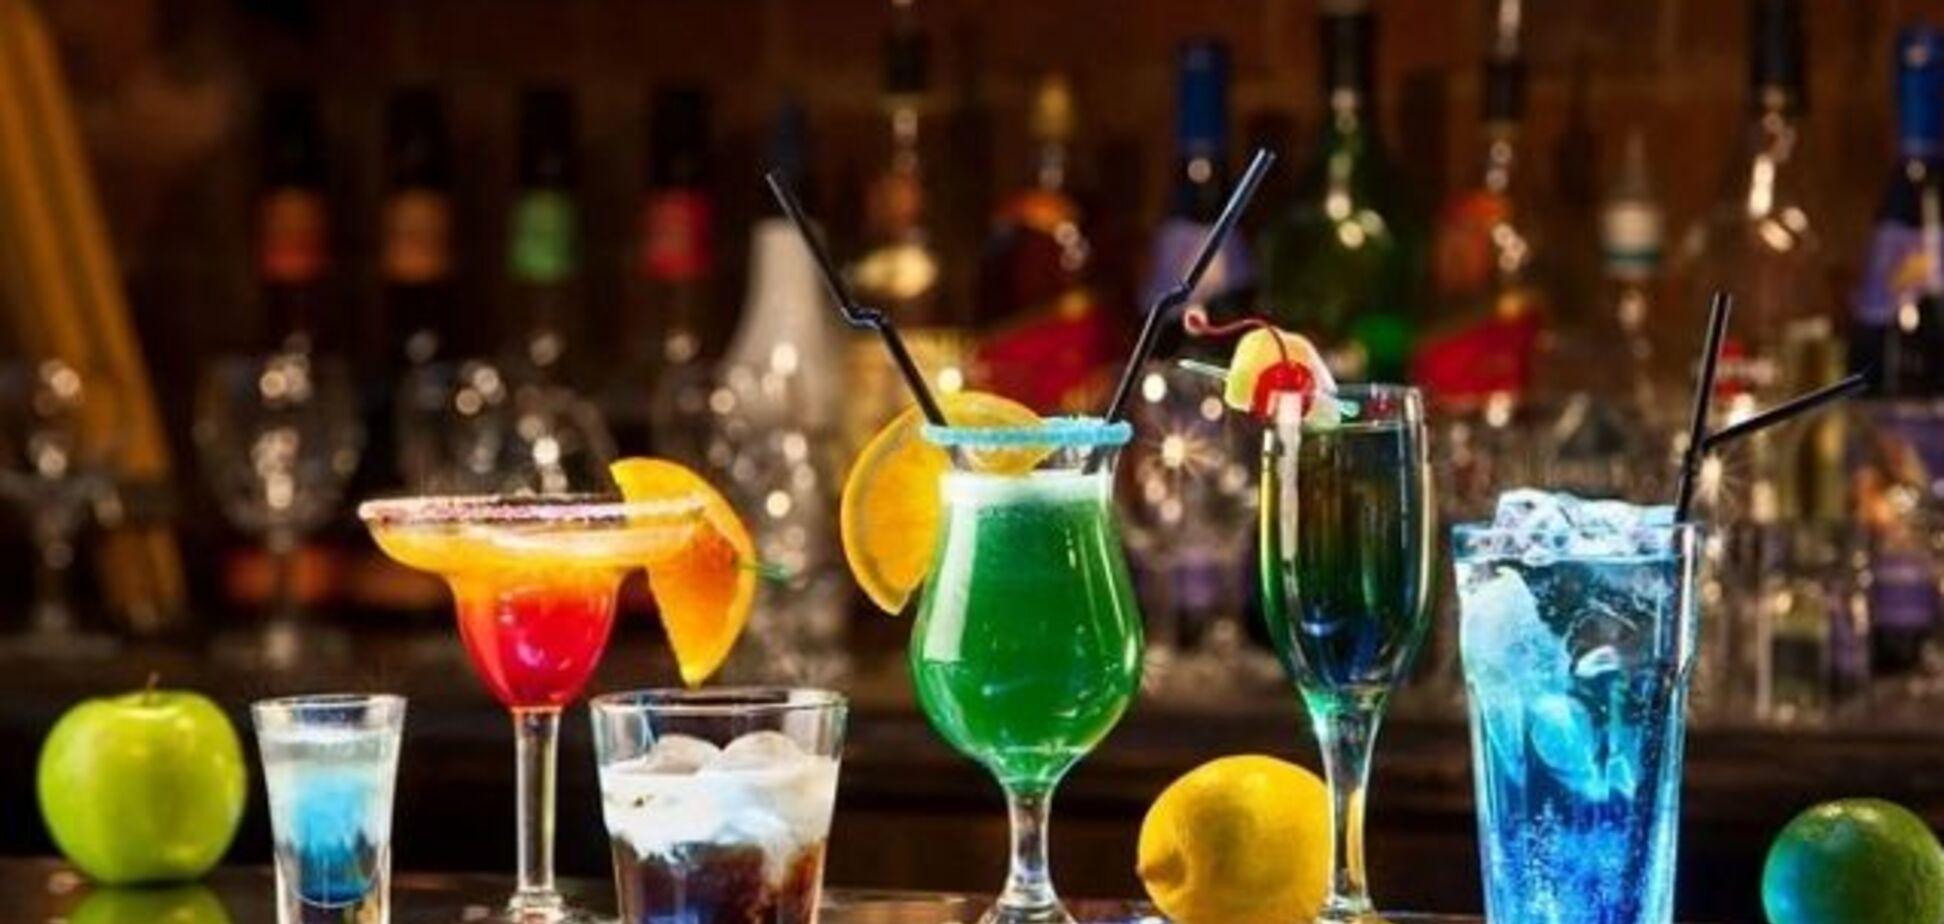 Вкрай токсичний: названо найнебезпечніший алкогольний напій